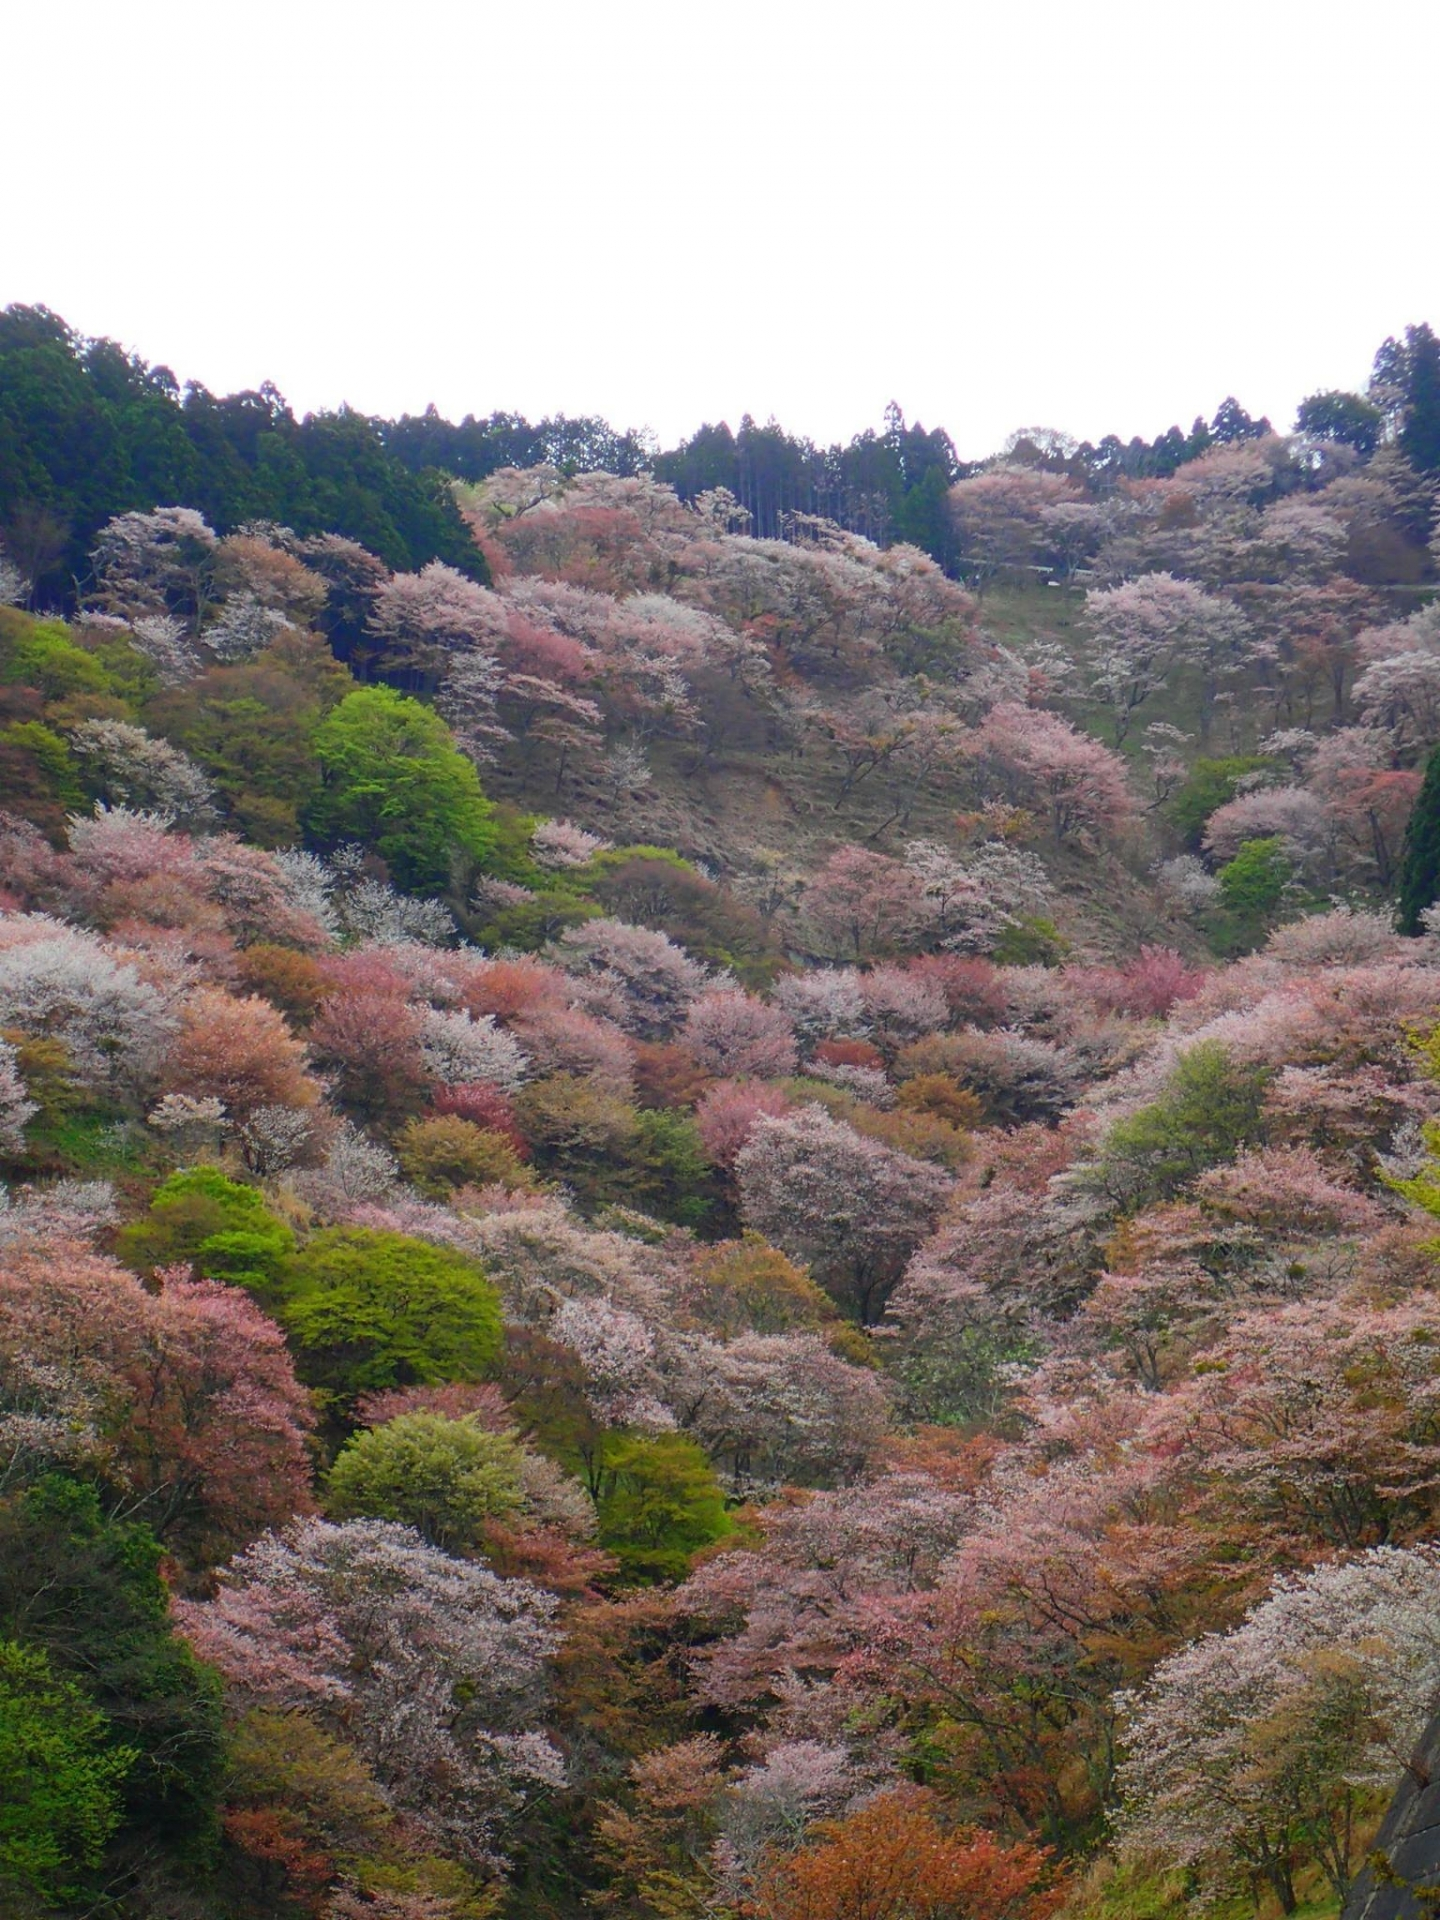 4500983_m 奈良県  吉野山(山が桜に染まる春におすすめの絶景スポット! 写真の紹介、アクセス情報や駐車場情報など)